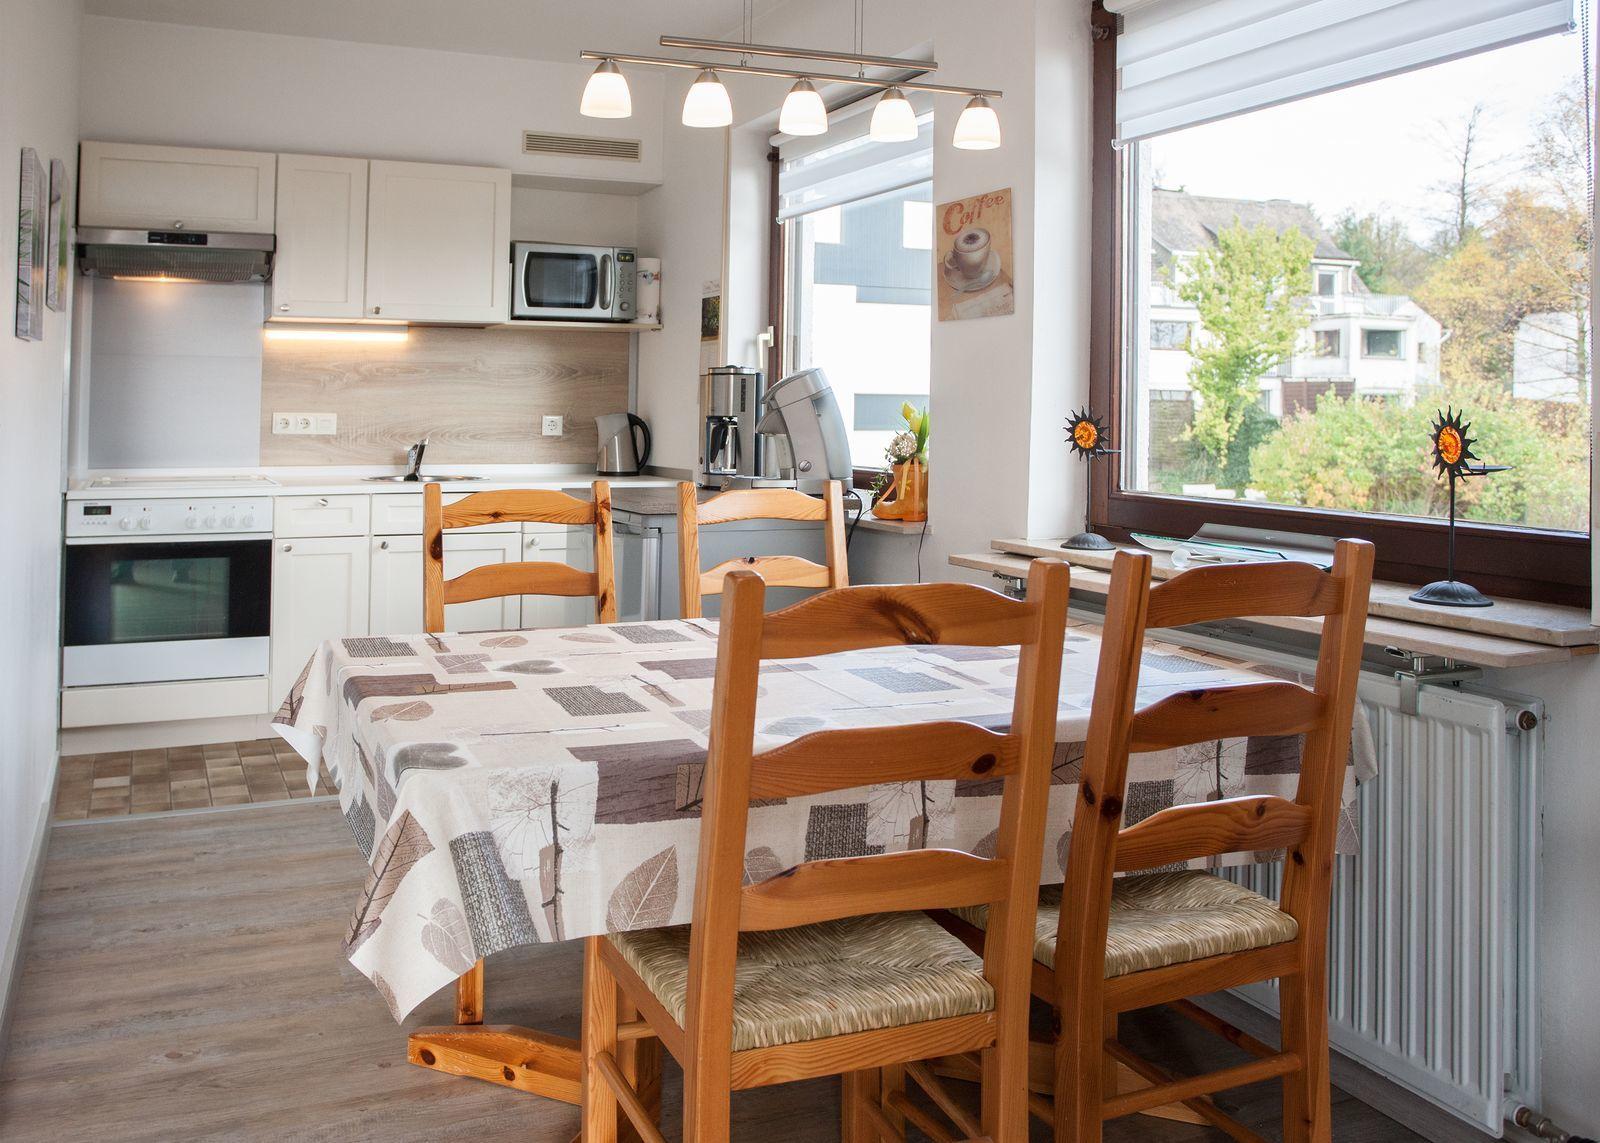 Apartment - Buchenweg 31-E